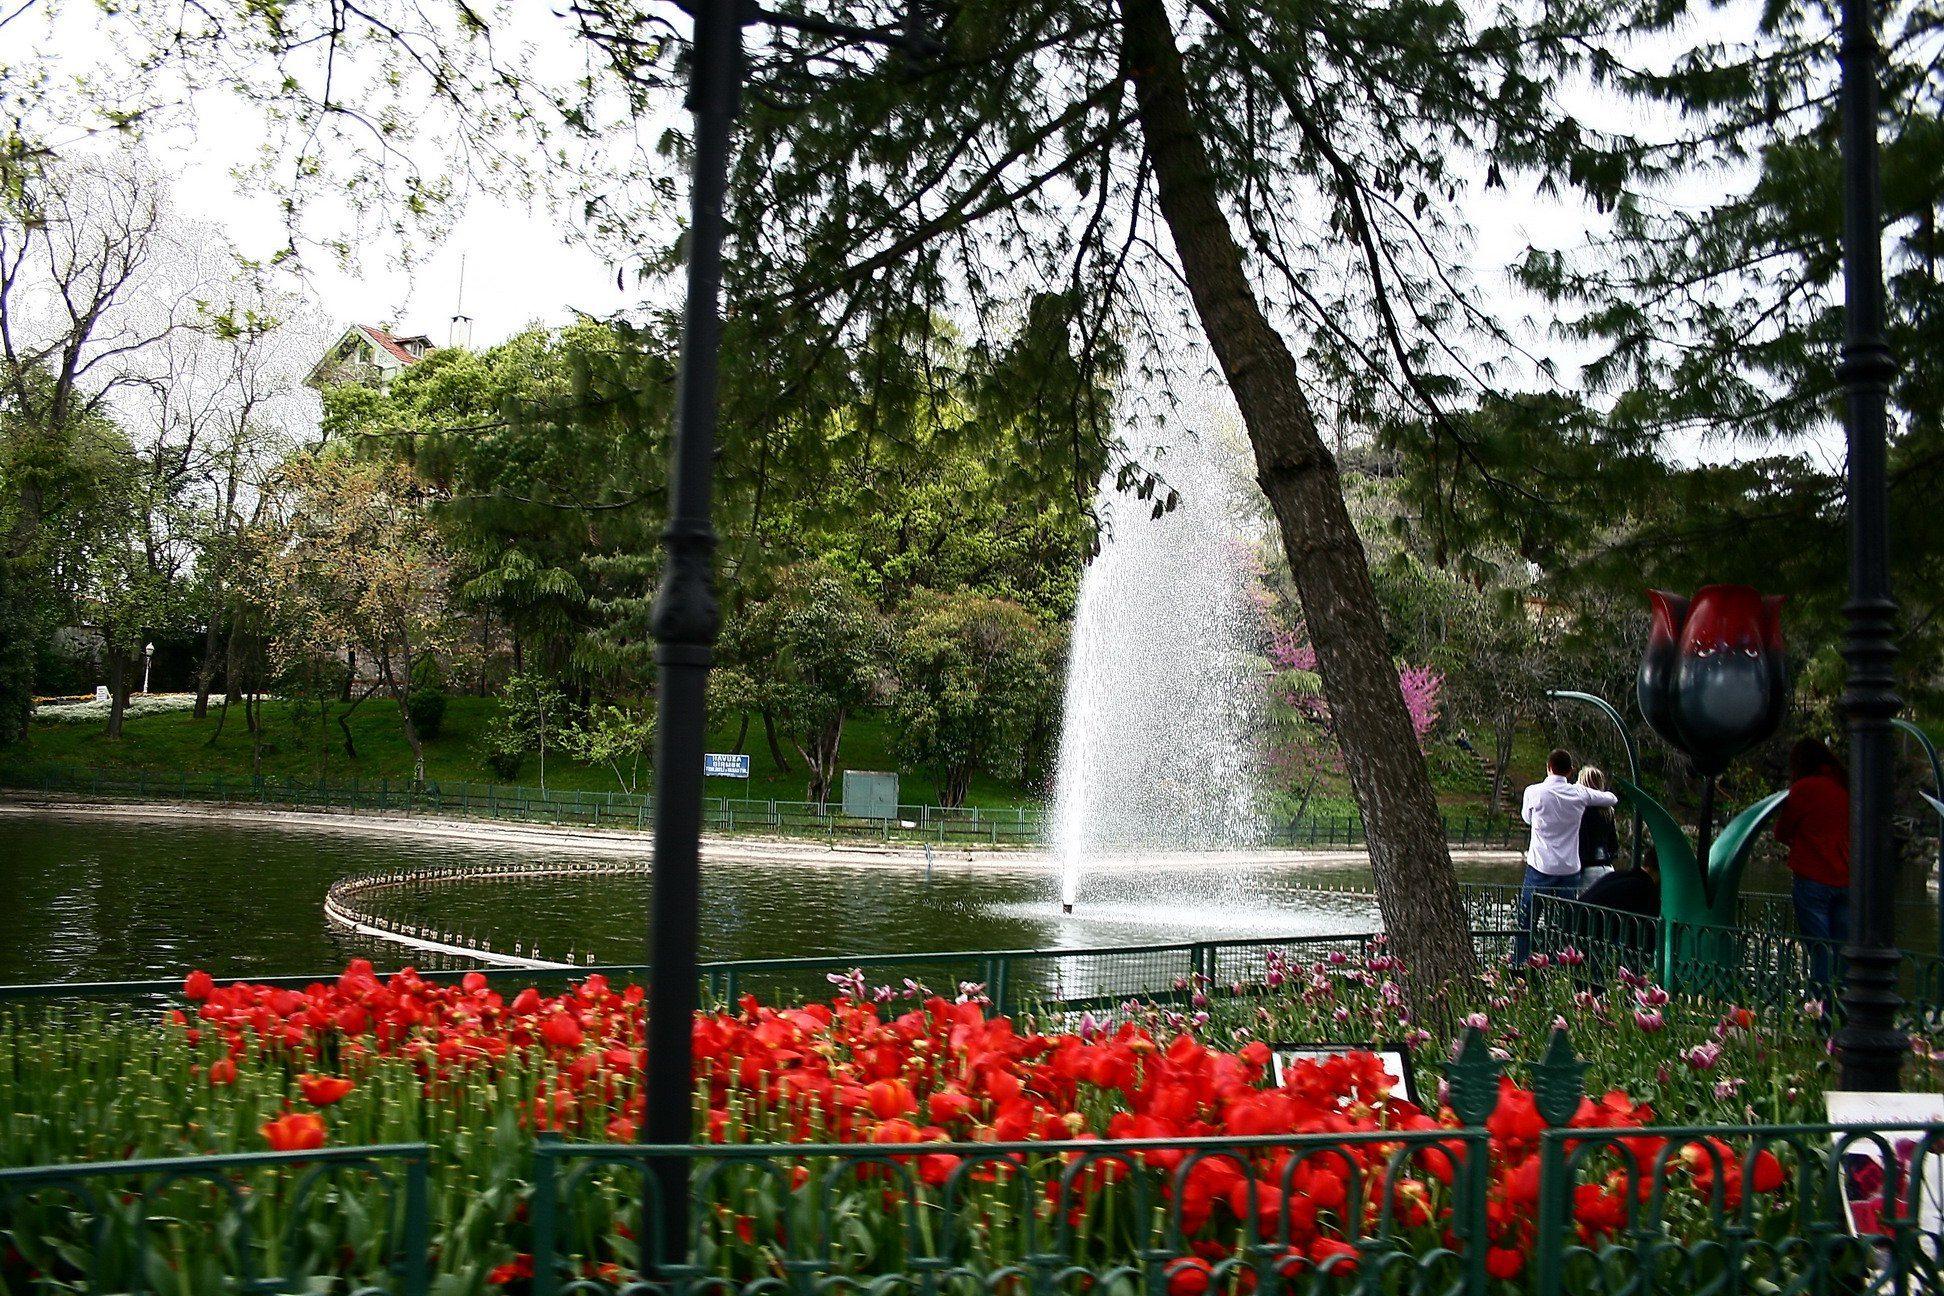 أنشطة في حديقة يلدز اسطنبول تركيا